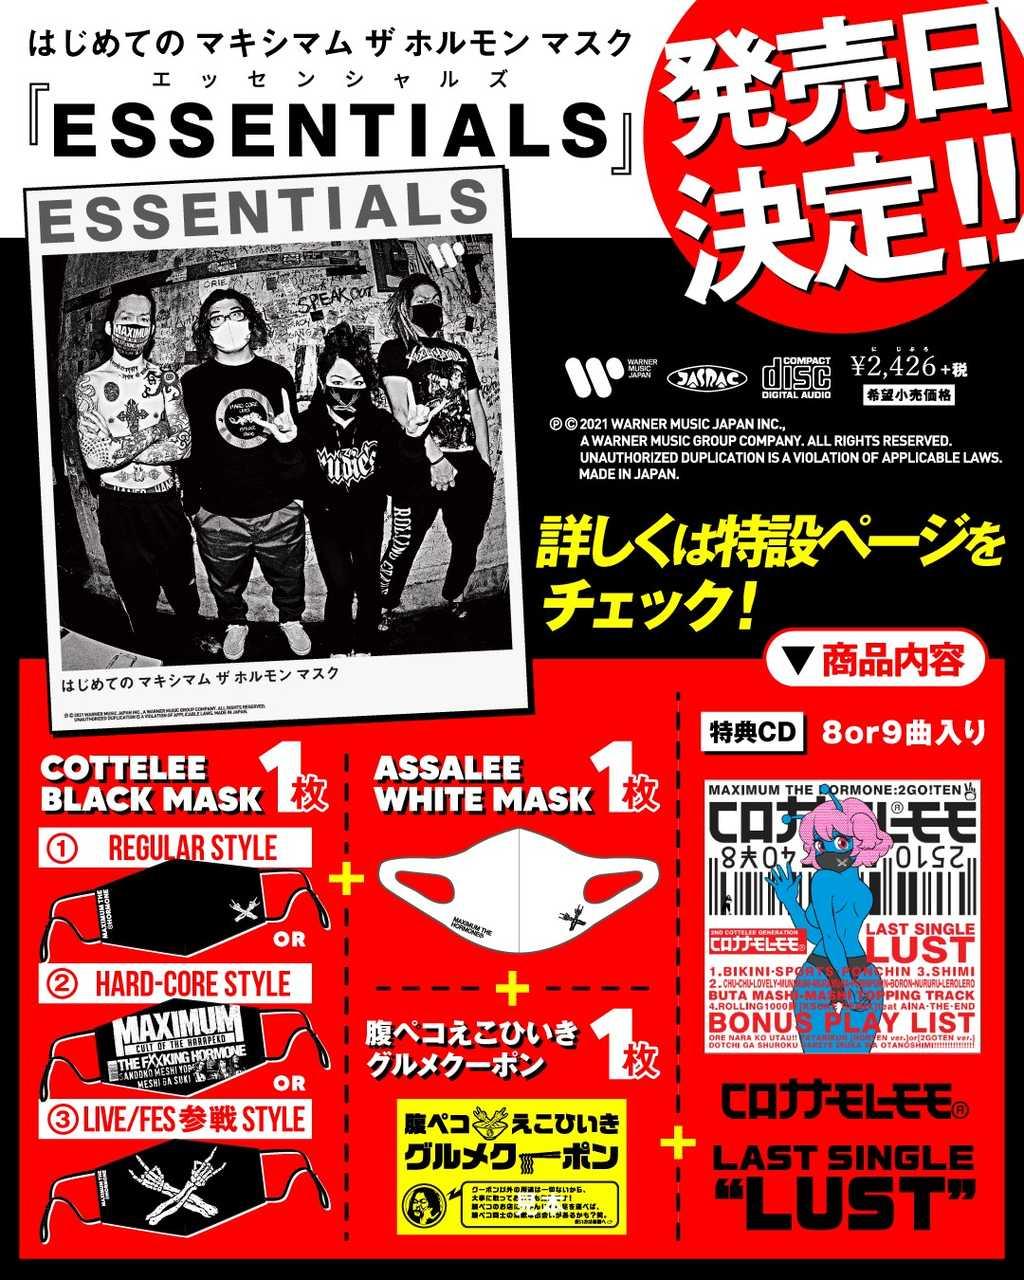 マスク2枚+2号店ラストシングル「ESSENTIALS」